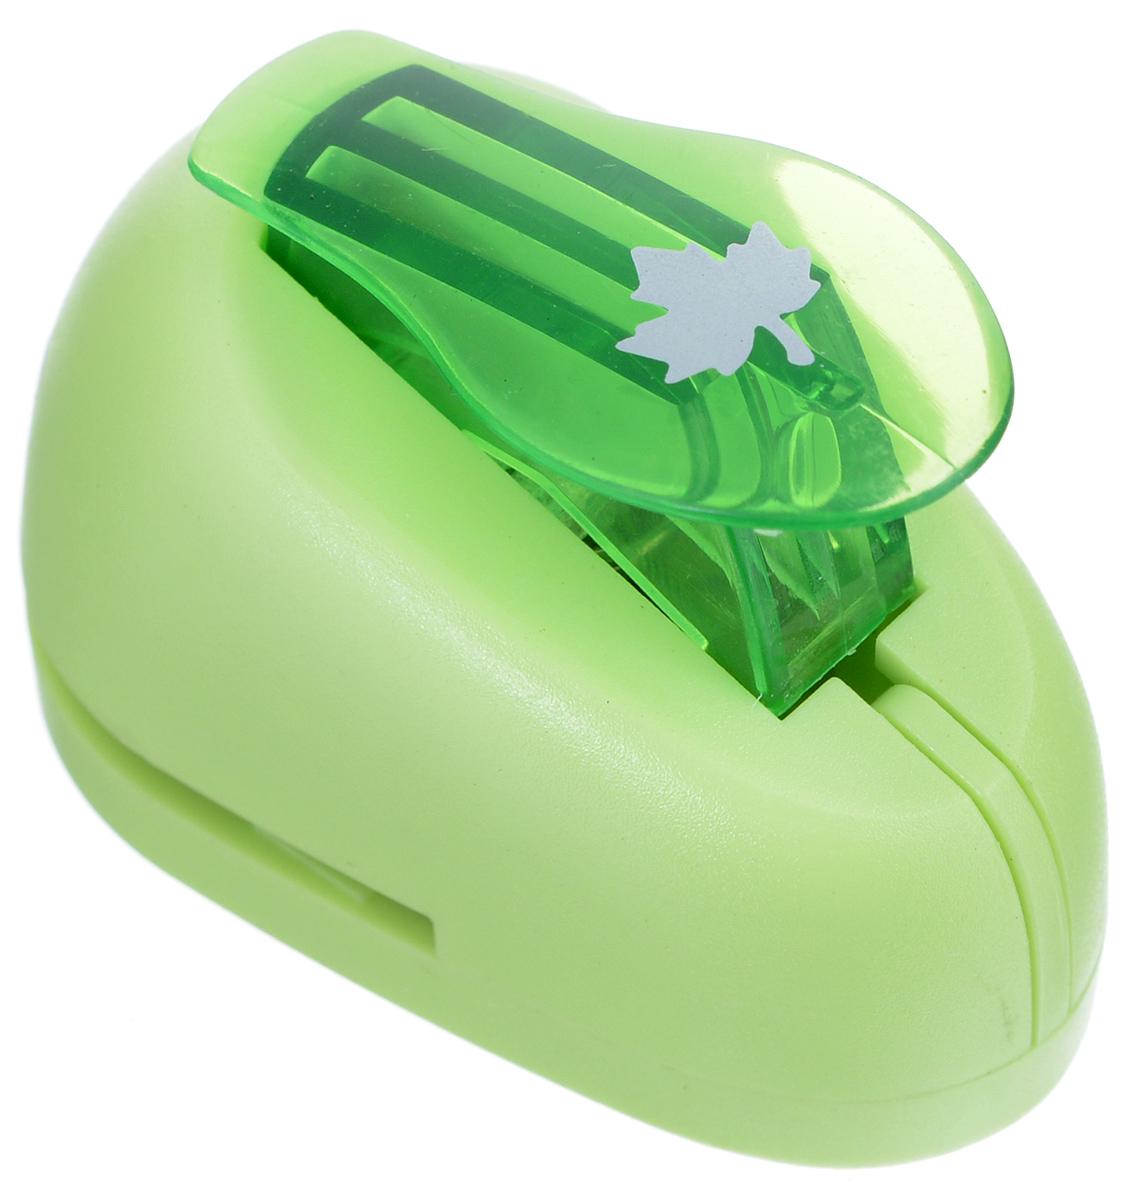 Дырокол фигурный Hobbyboom Кленовый лист, №66, цвет: зеленый, 1 смFS-36054Дырокол фигурный используется в скрапбукинге, для украшения открыток, карточек, коробочек и т.д. Рисунок прорези указан на ручке дырокола.Используется для прорезания фигурных отверстий в бумаге. Вырезанный элемент также можно использовать для украшения.Предназначен для бумаги определенной плотности - до 140 г/м2. При применении на бумаге большей плотности или на картоне, дырокол быстро затупится. Чтобы заточить нож компостера, нужно прокомпостировать самую тонкую наждачку. Чтобы смазать режущий механизм - парафинированнную бумагу.Размер готовой фигурки: 1 см.